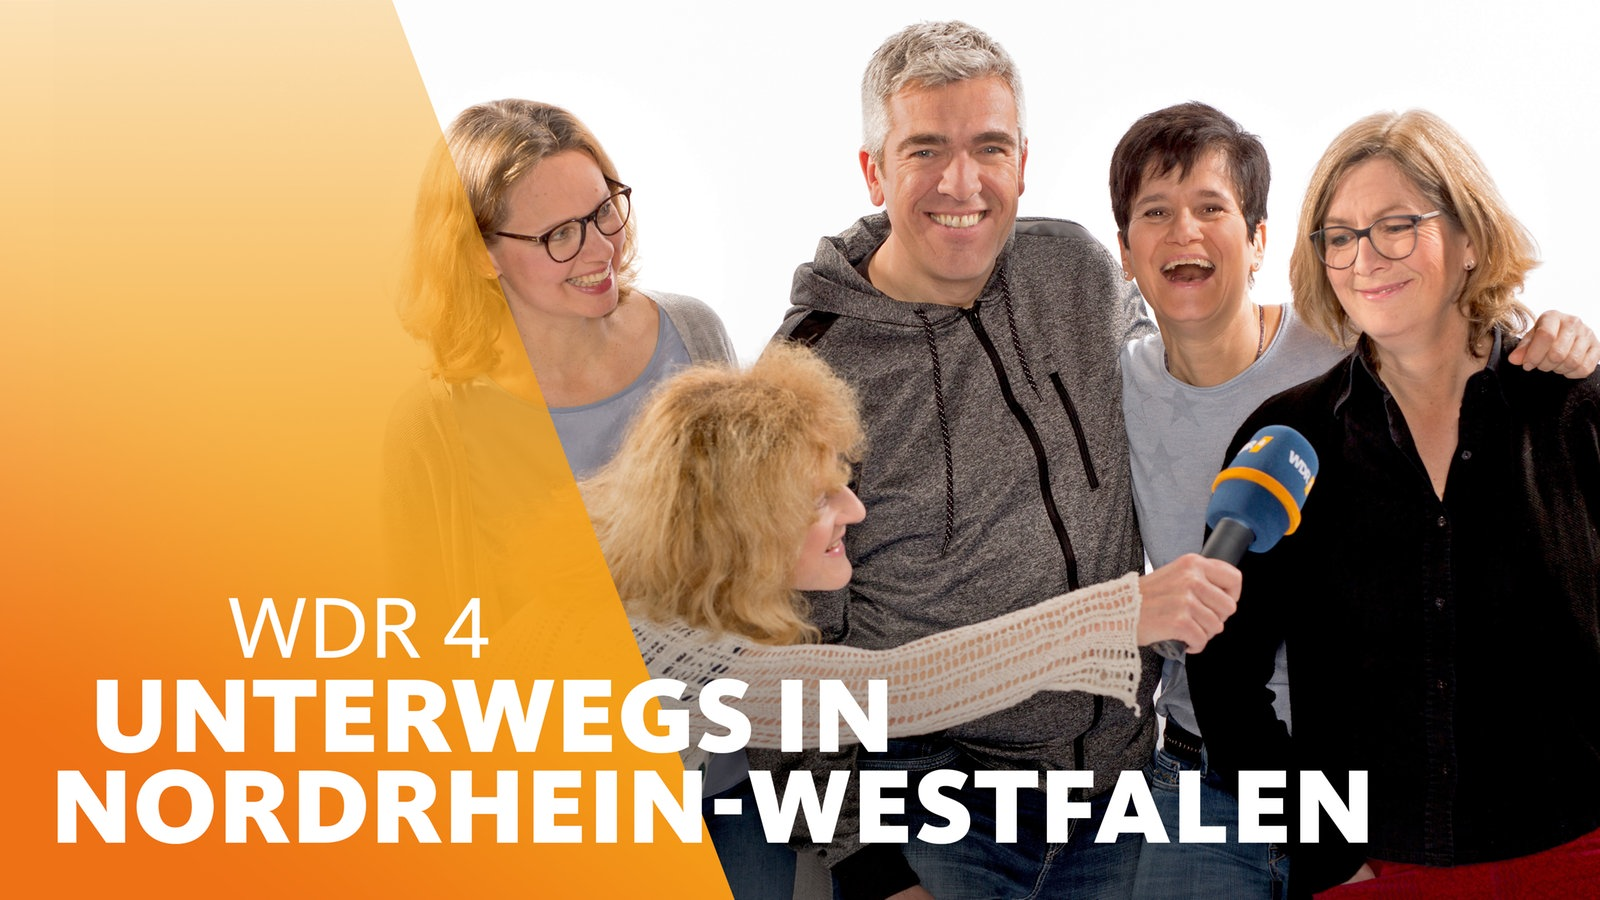 Wdr Daheim Und Unterwegs Mediathek